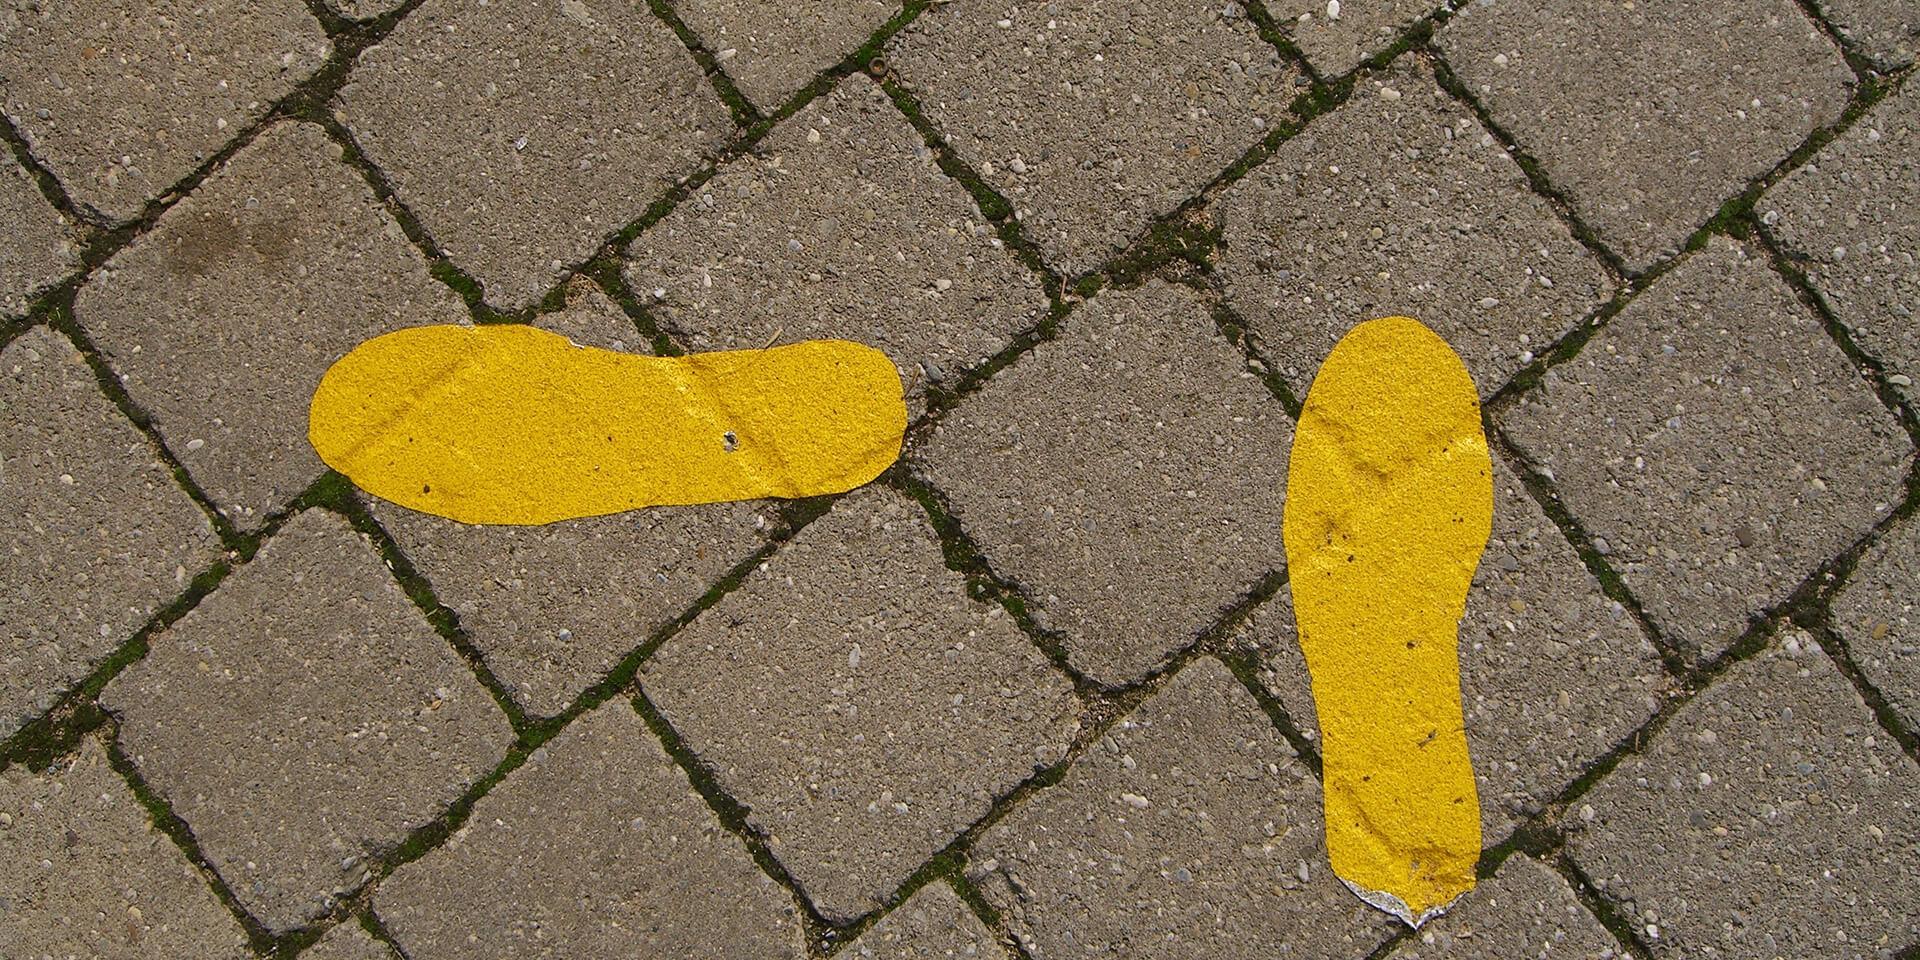 Gelbe Fußspuren auf Asphalt